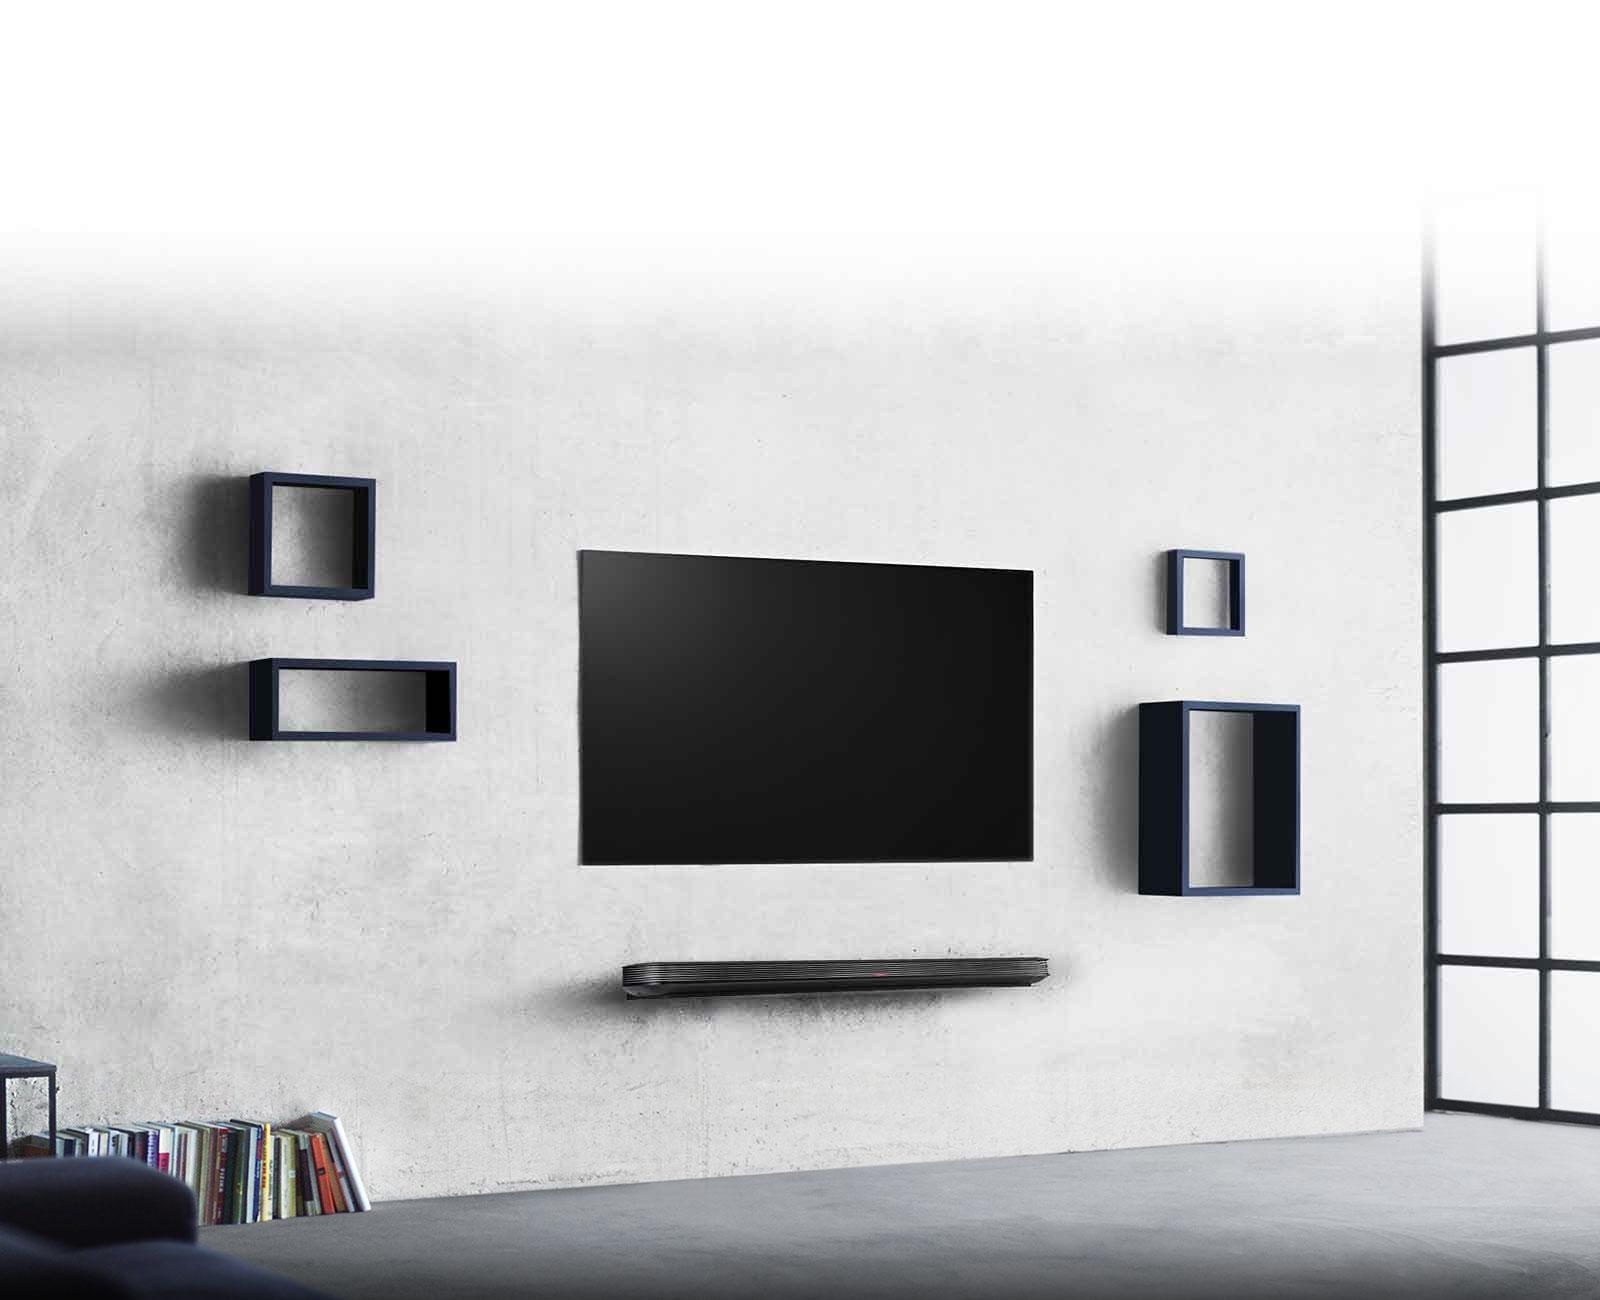 LG OLED77W7P: 77-inch LG SIGNATURE OLED 4K HDR Smart TV | LG USA